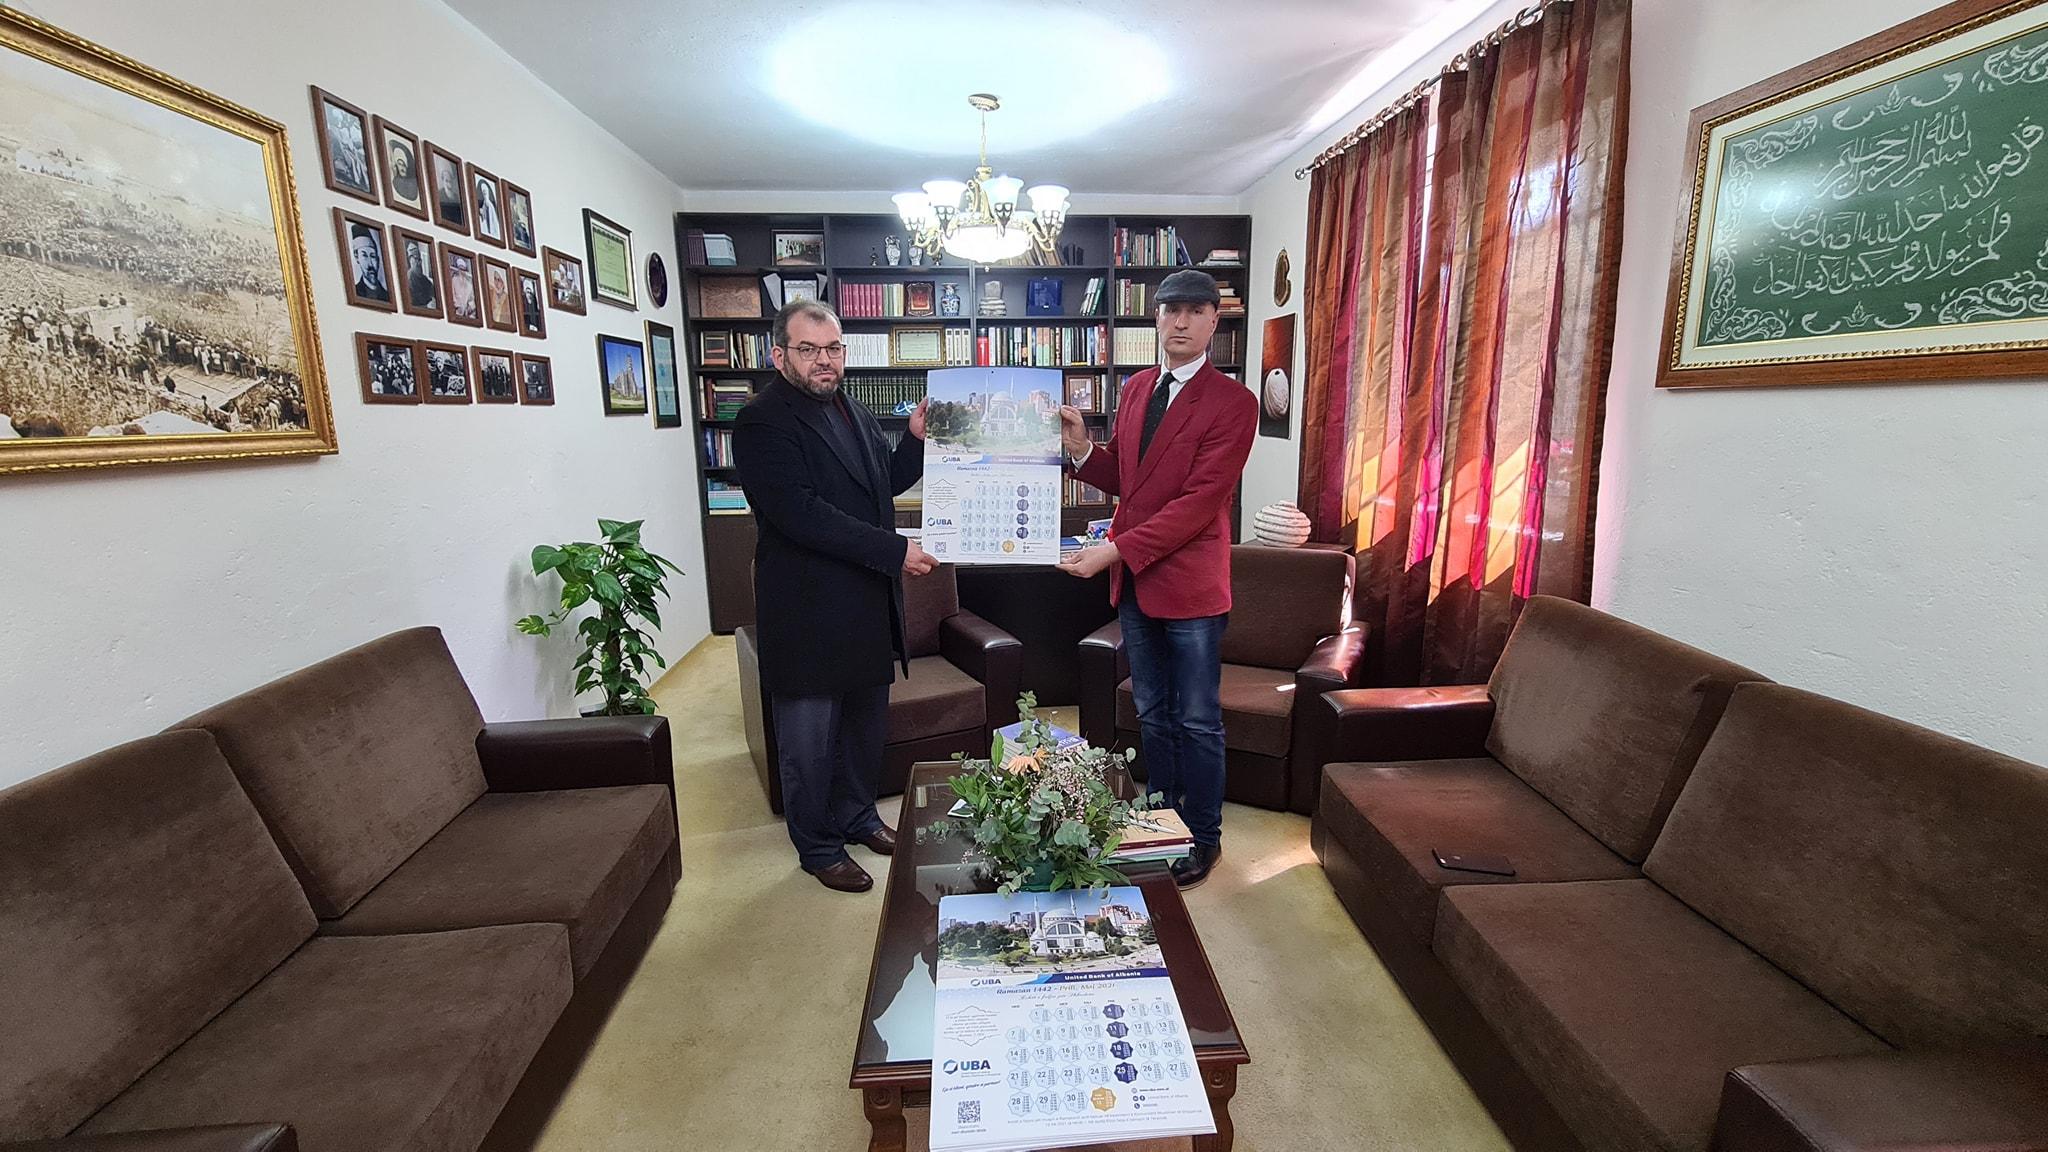 UBA shpërndan kalendarët e Ramazanit për Myftininë Shkodër